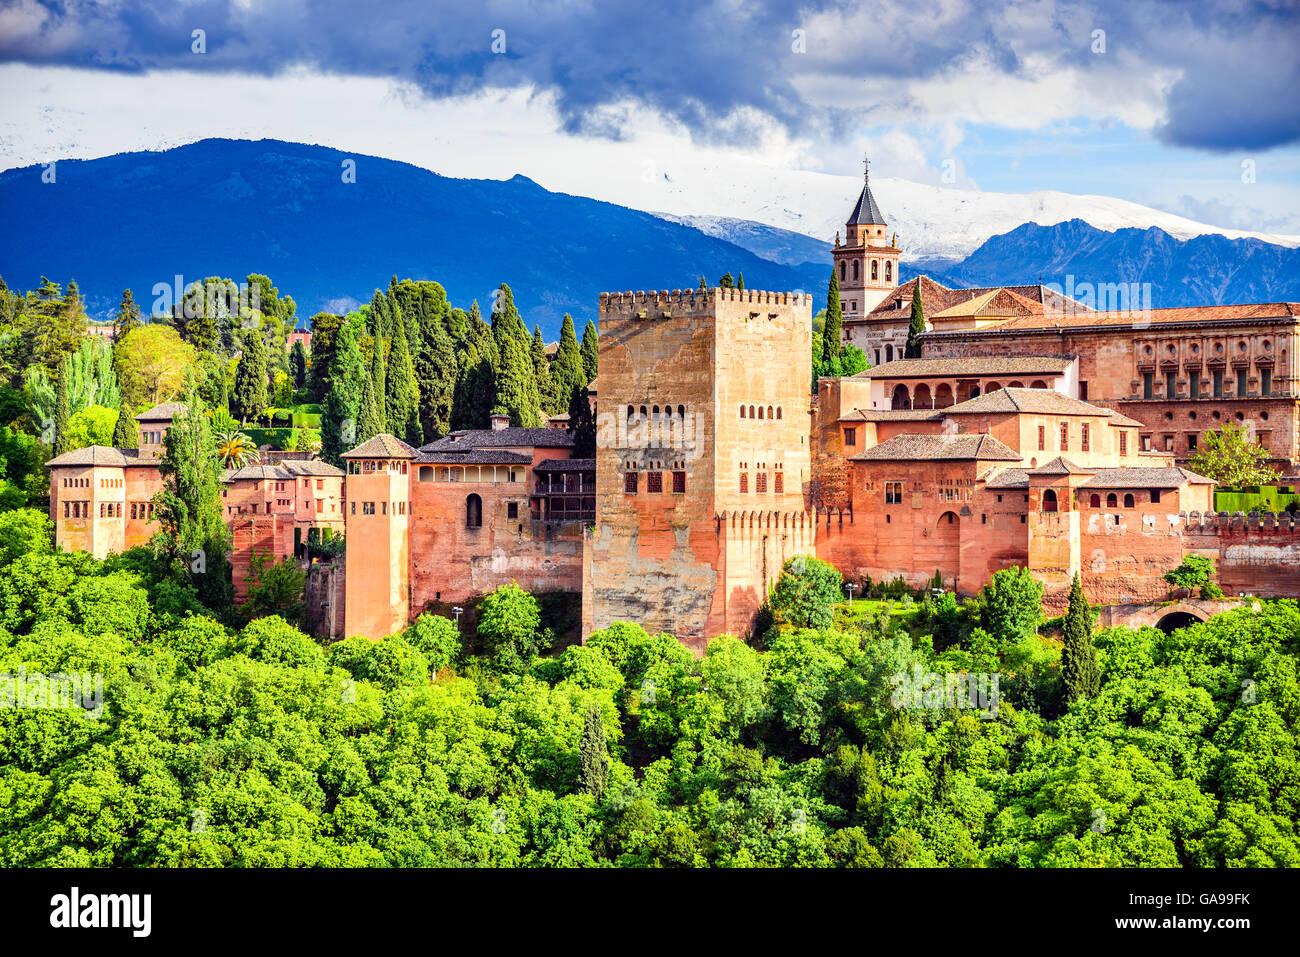 Granada, España. La famosa Alhambra, fortaleza, Emirato Nazarí Viajes europeos hito en Andalucía. Imagen De Stock